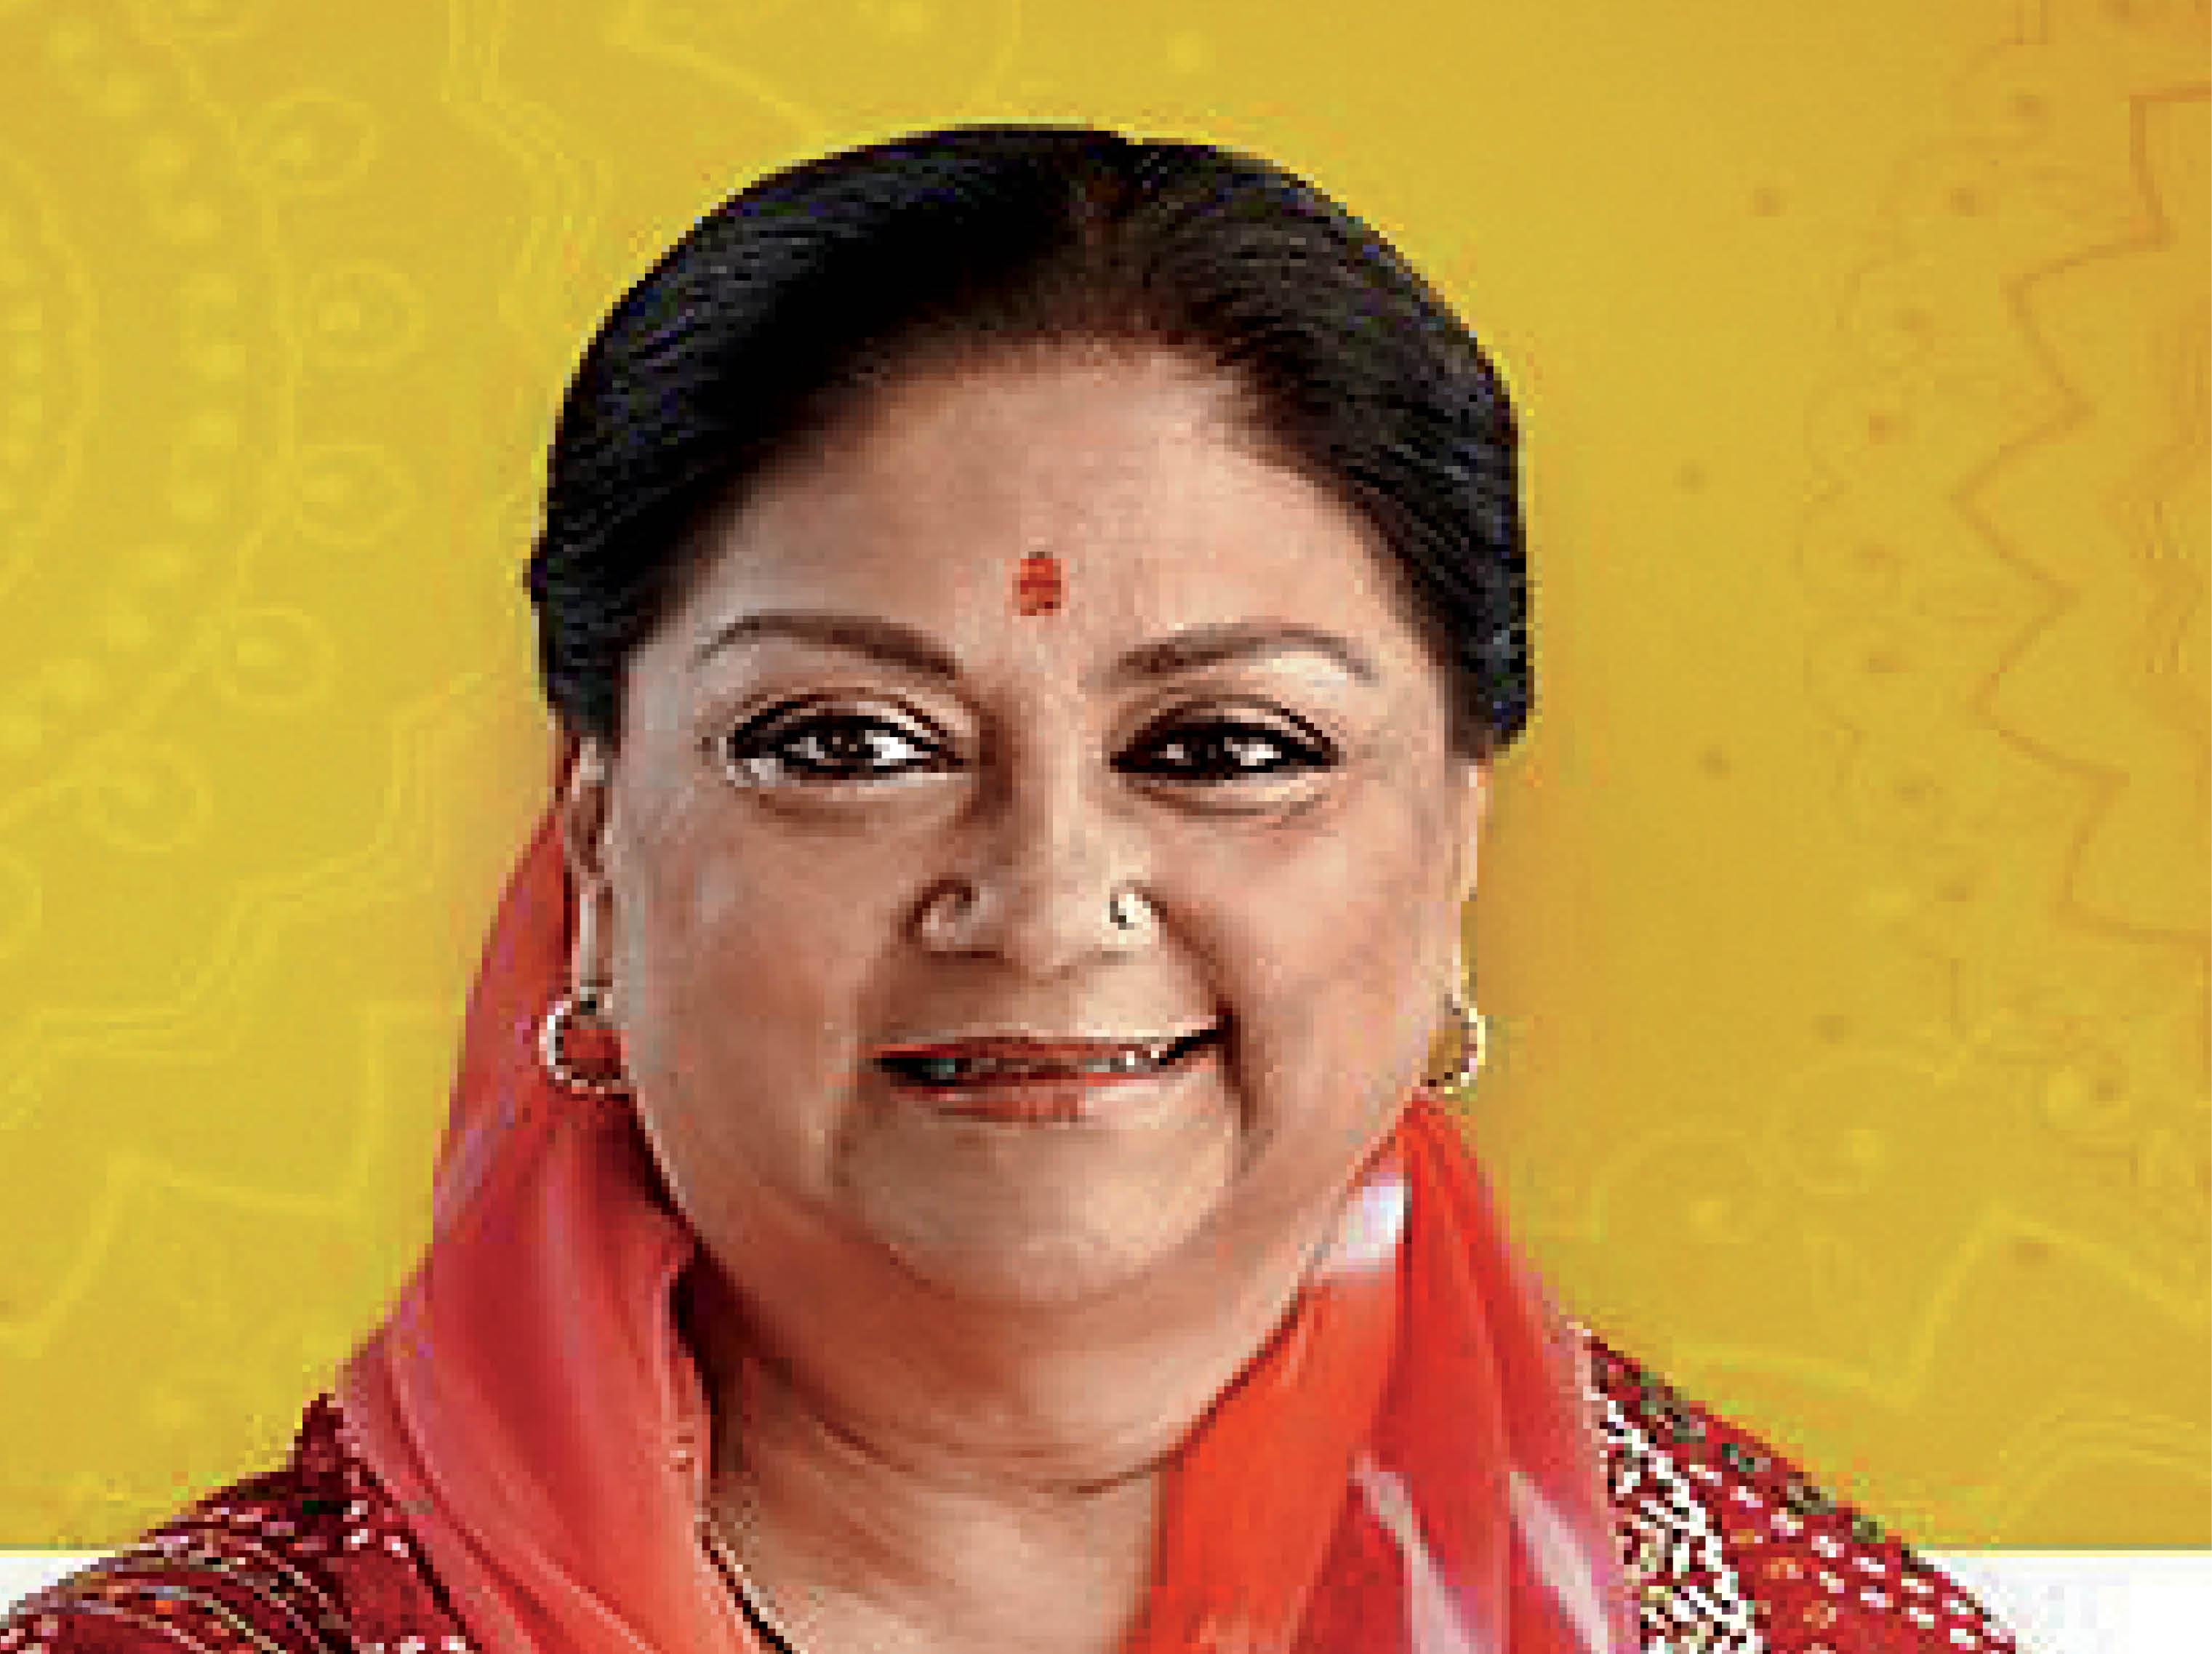 बीजेपी में पोस्टर से चेहरा चमकाने की सियासत में उतरे कई बड़े नेता, वसुंधरा बोली- मैंने तो सीएम रहते खुद के पोस्टर हटवाए थे जयपुर,Jaipur - Dainik Bhaskar